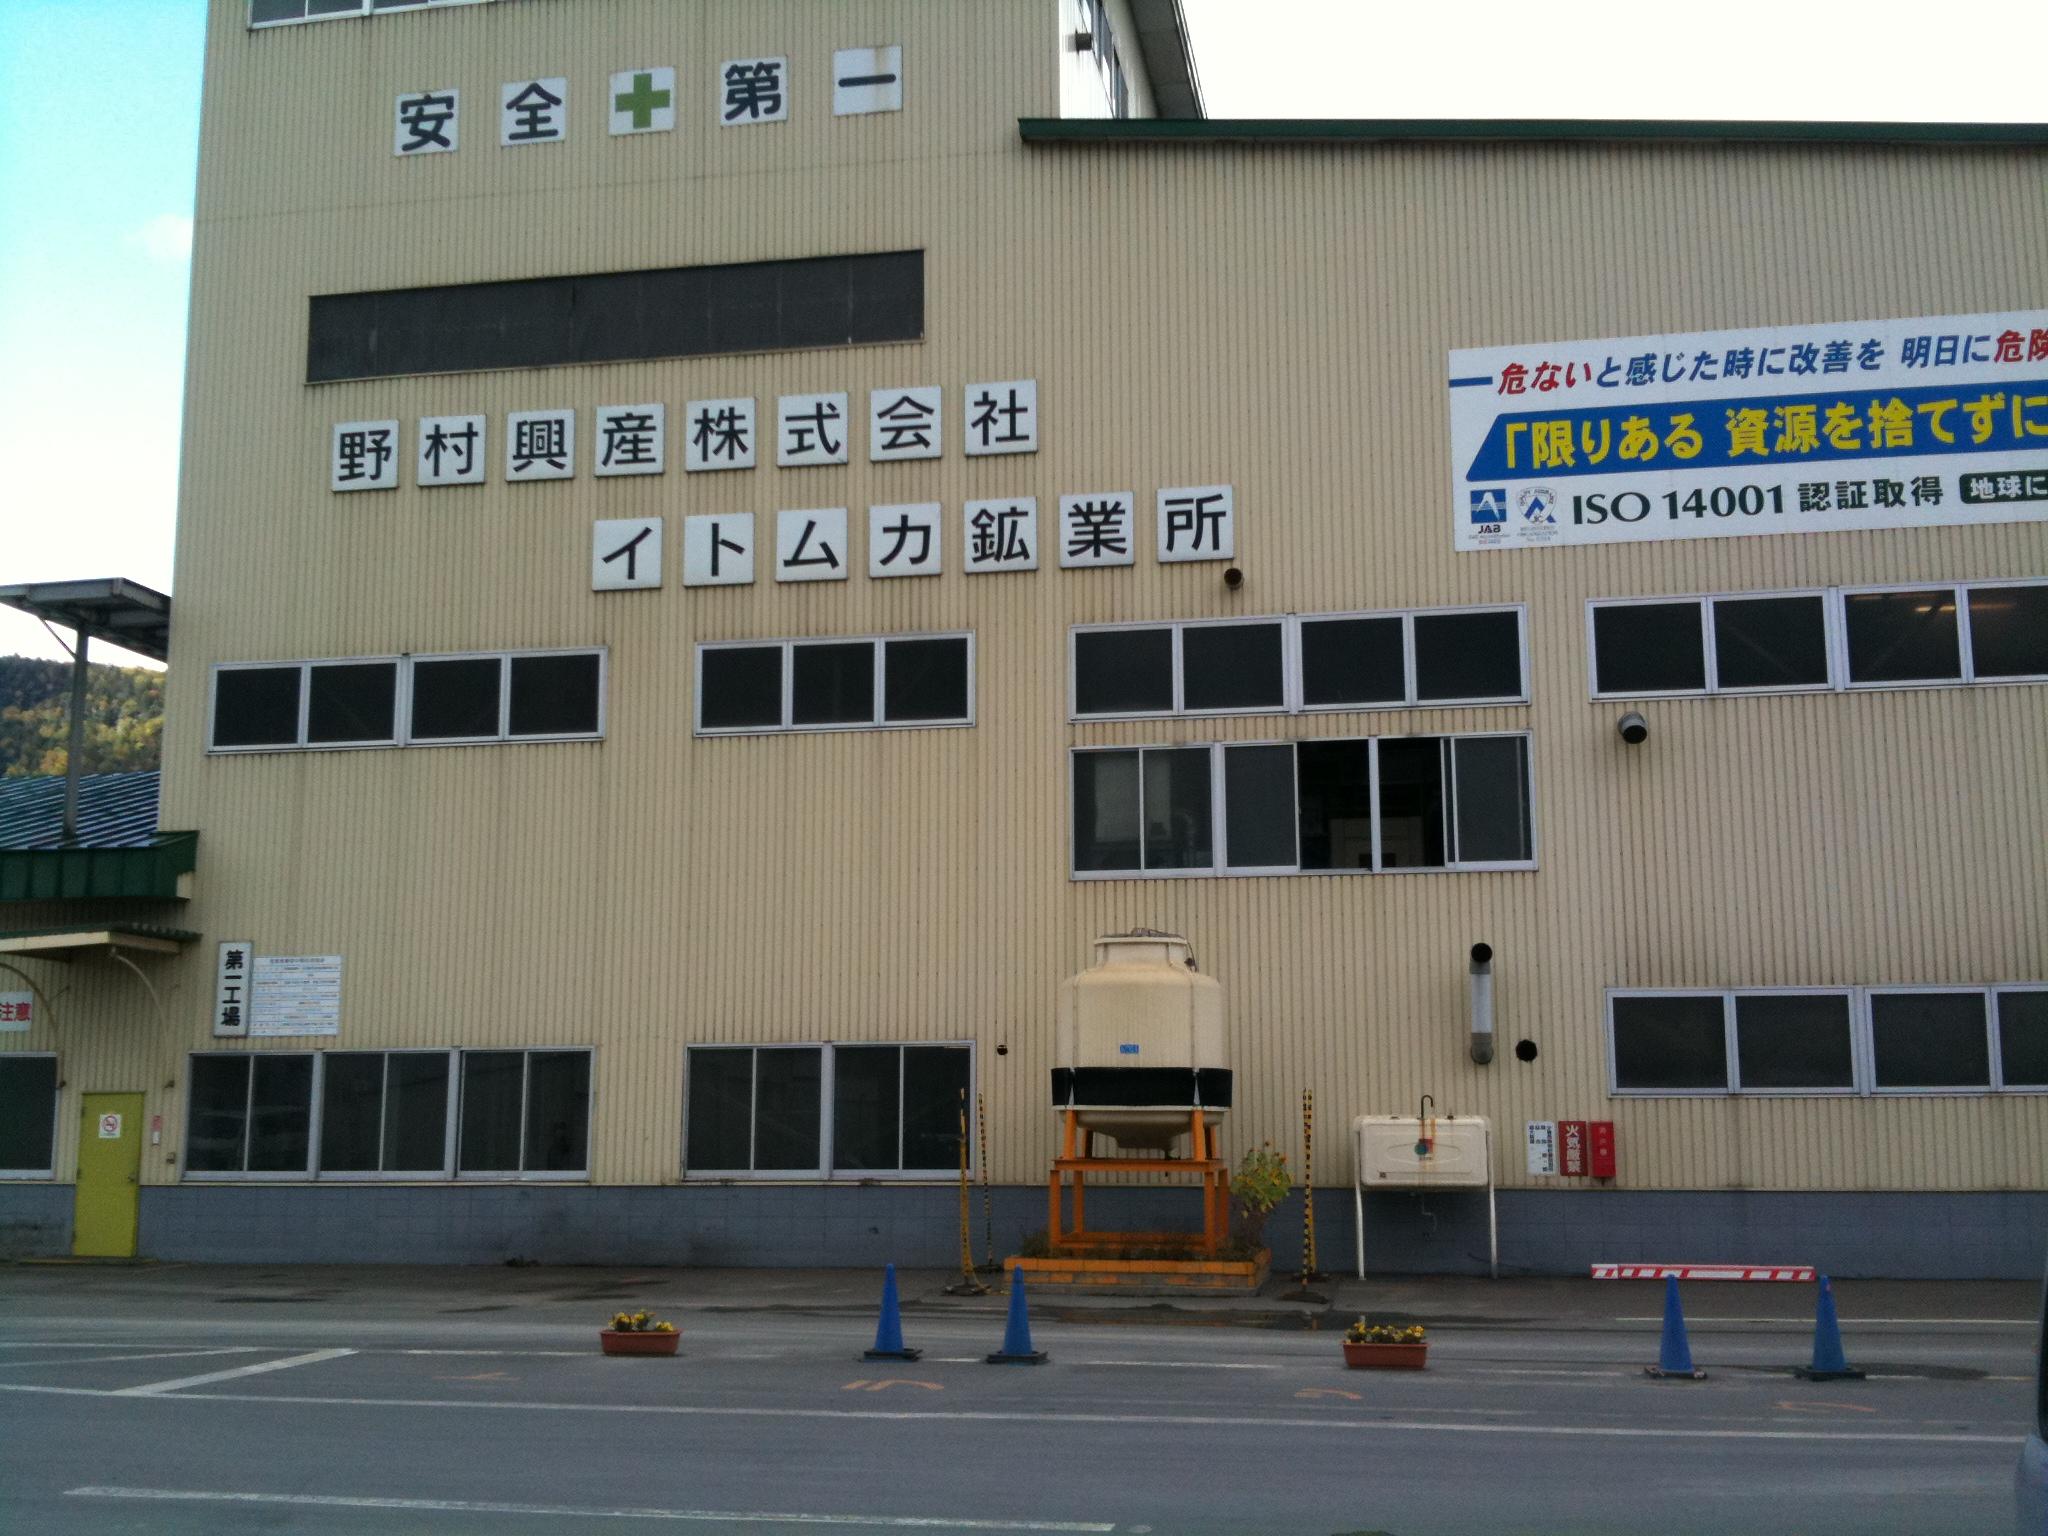 野村興産株式会社イトムカ鉱業所